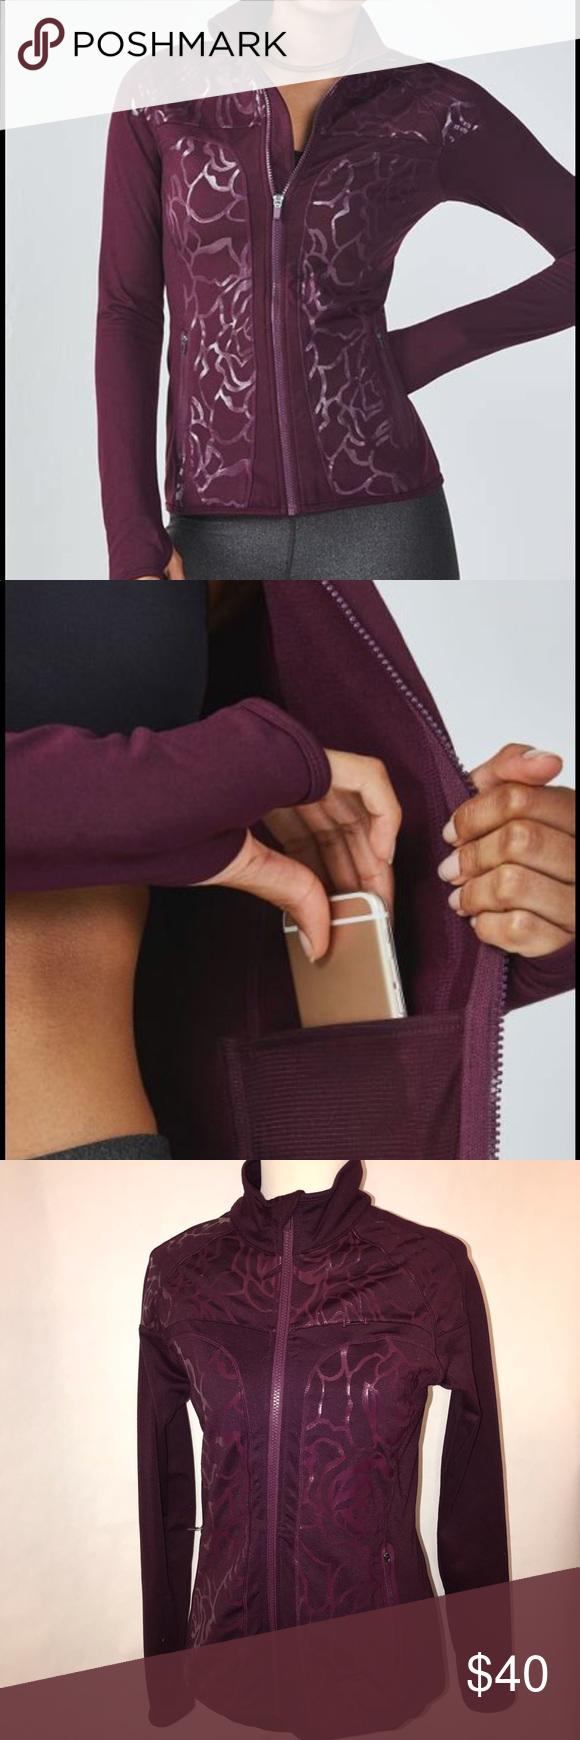 hight resolution of fabletics euc rose pattern wine color jacket euc wine color with rose pattern has inside pocket